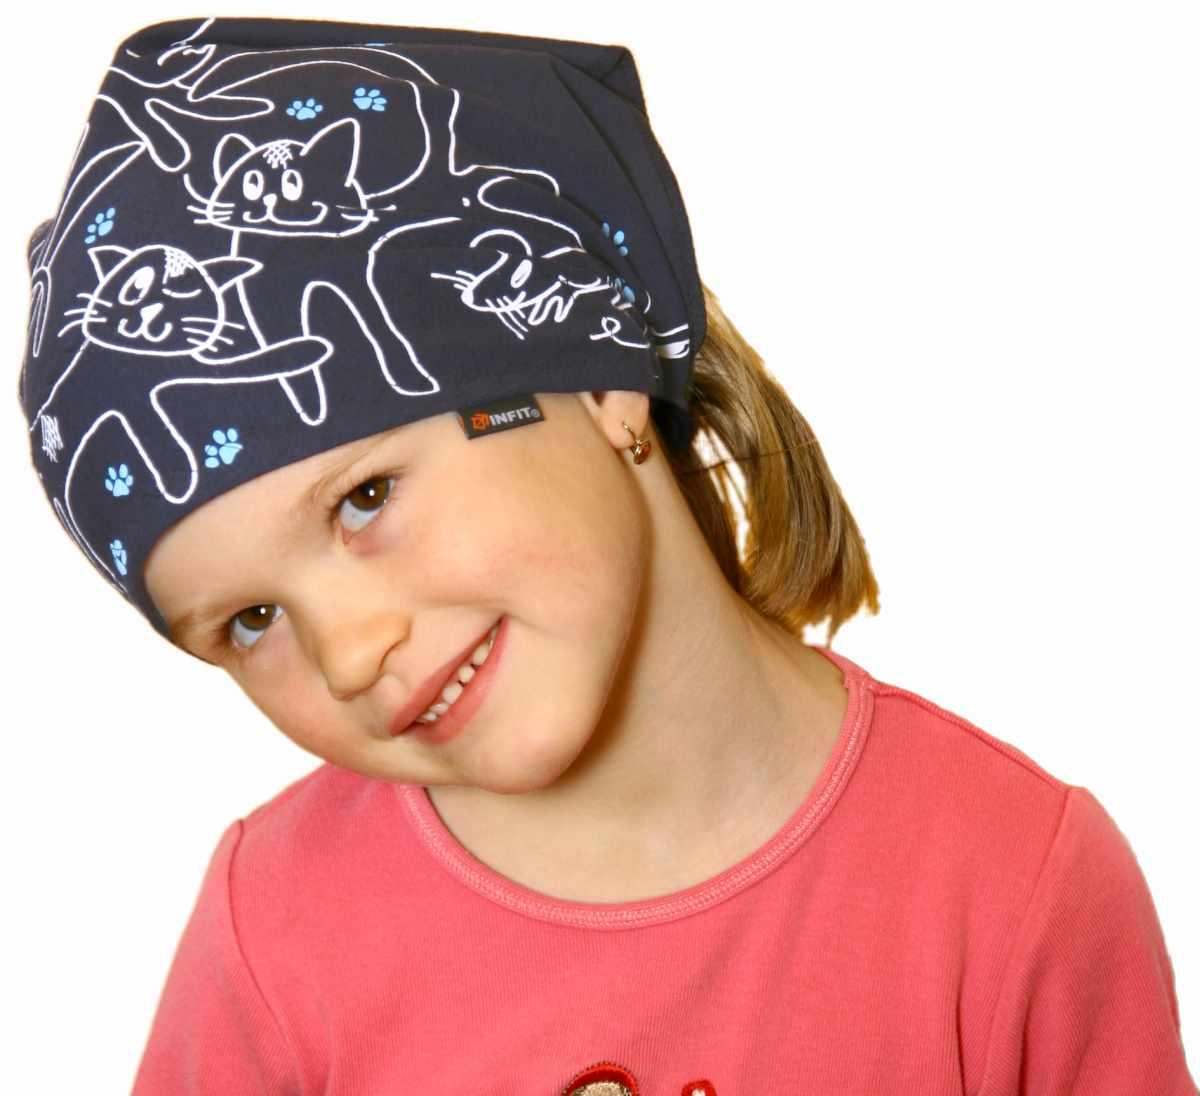 Dětský pirát trojúhelníkový šátek tmavě modrý vzor Kočky 3bed4a018c